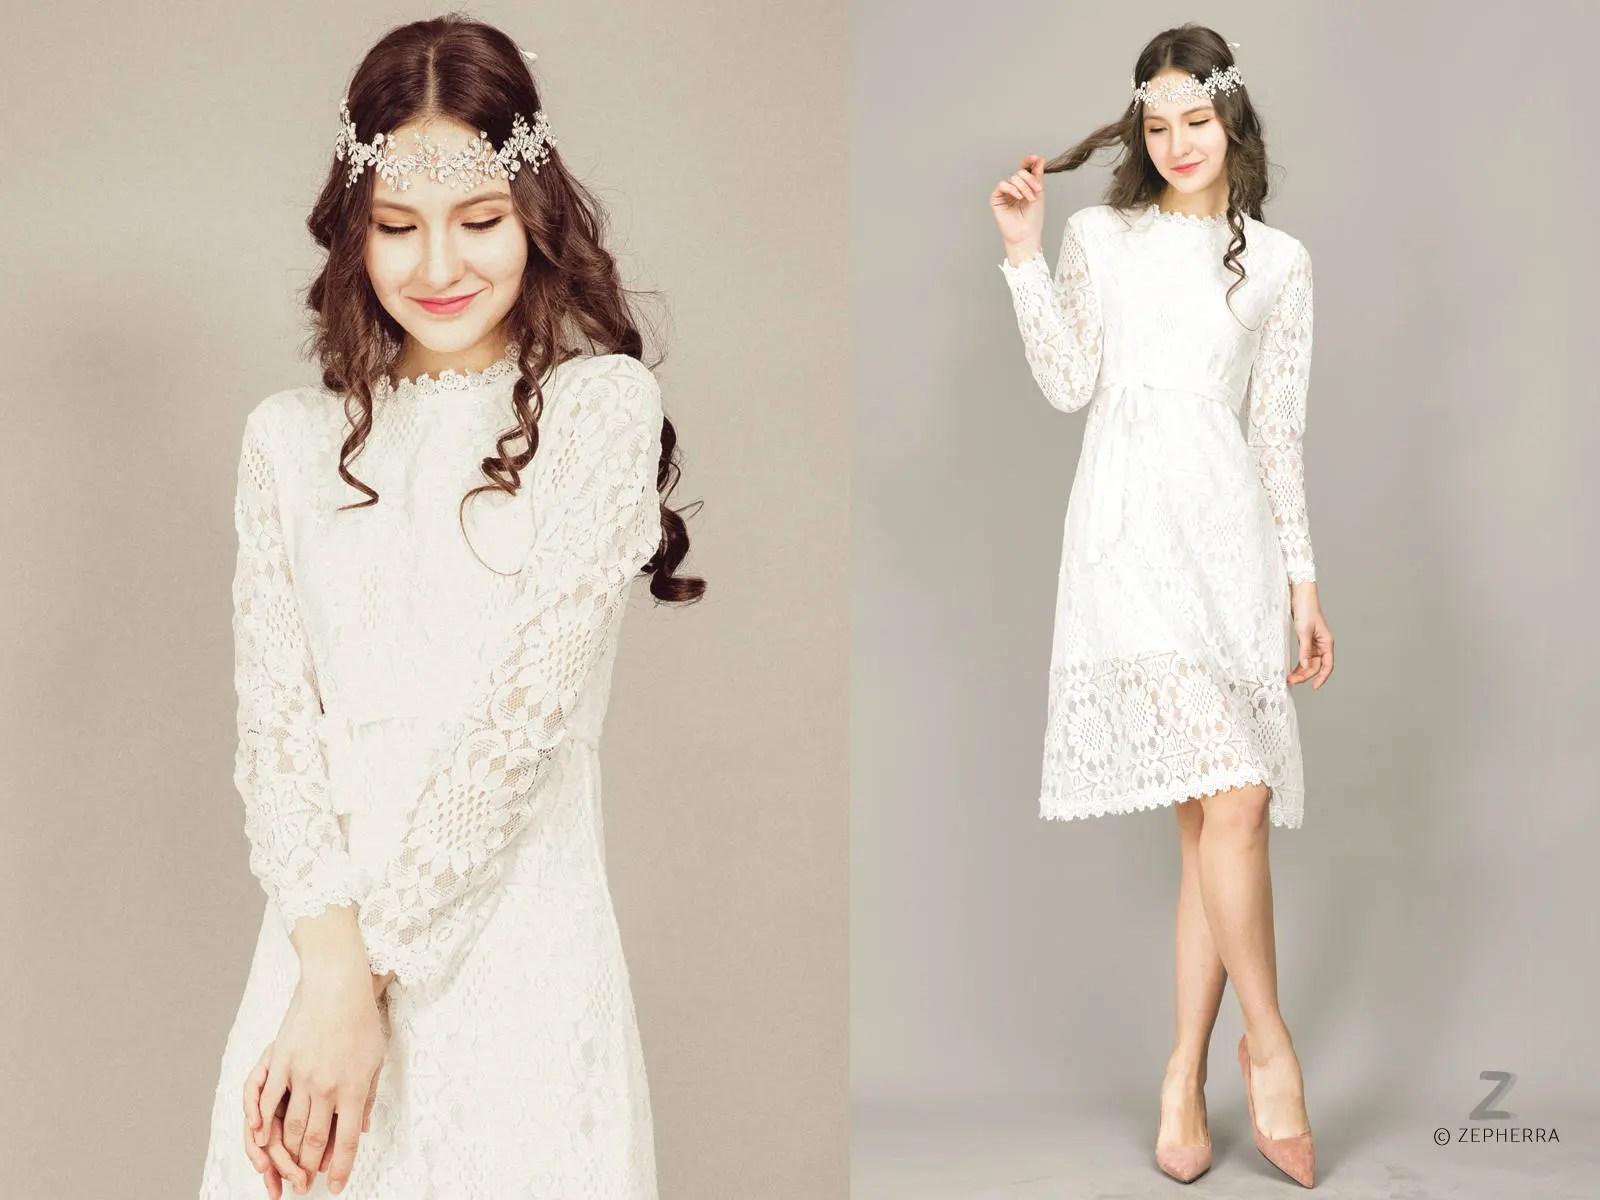 Short Wedding Dress/ Long Sleeve Lace Wedding Dress/ Boho